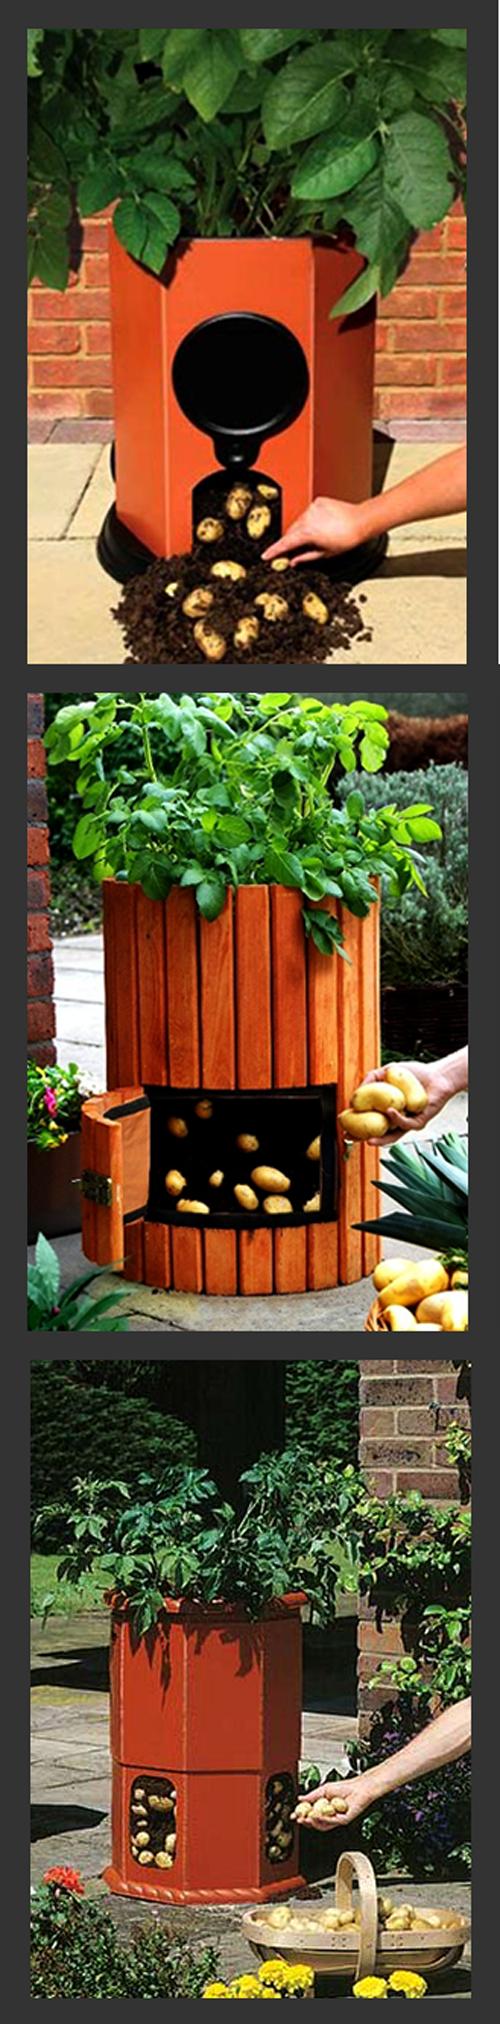 potato growing made easy garden pinterest gardens garden